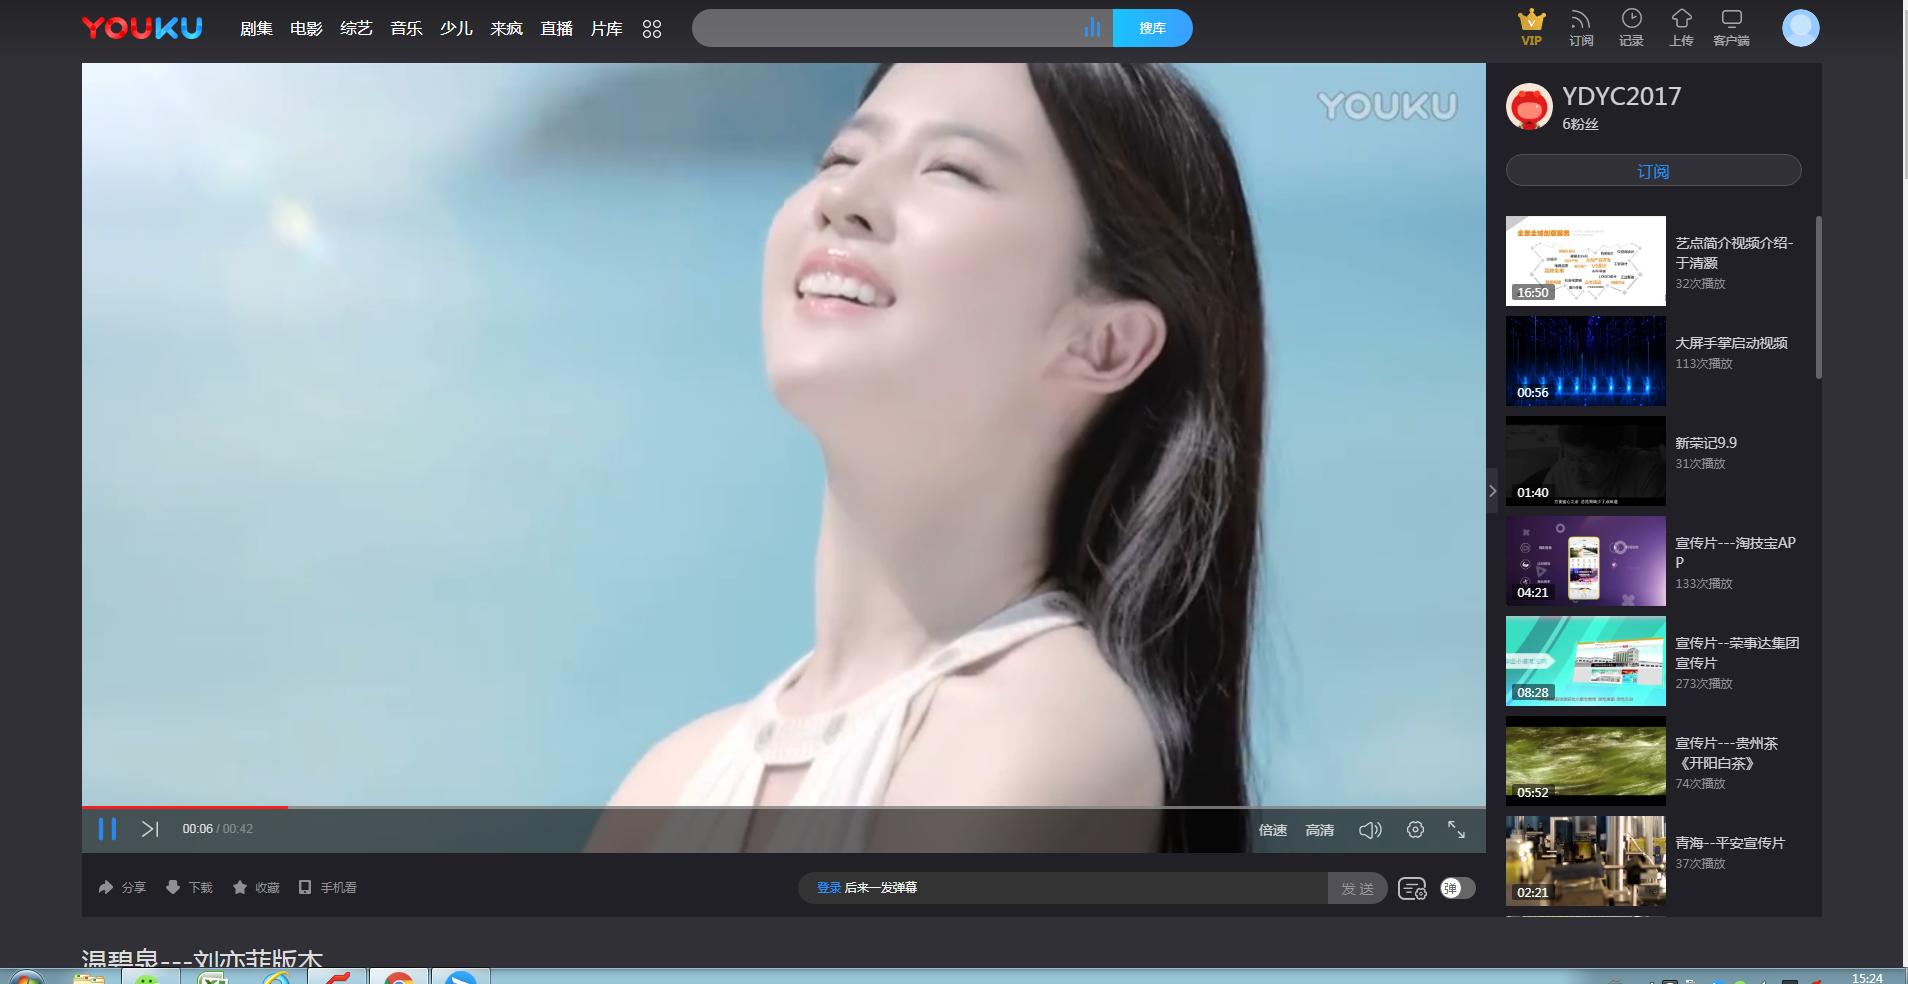 温碧泉---刘亦菲版本广告